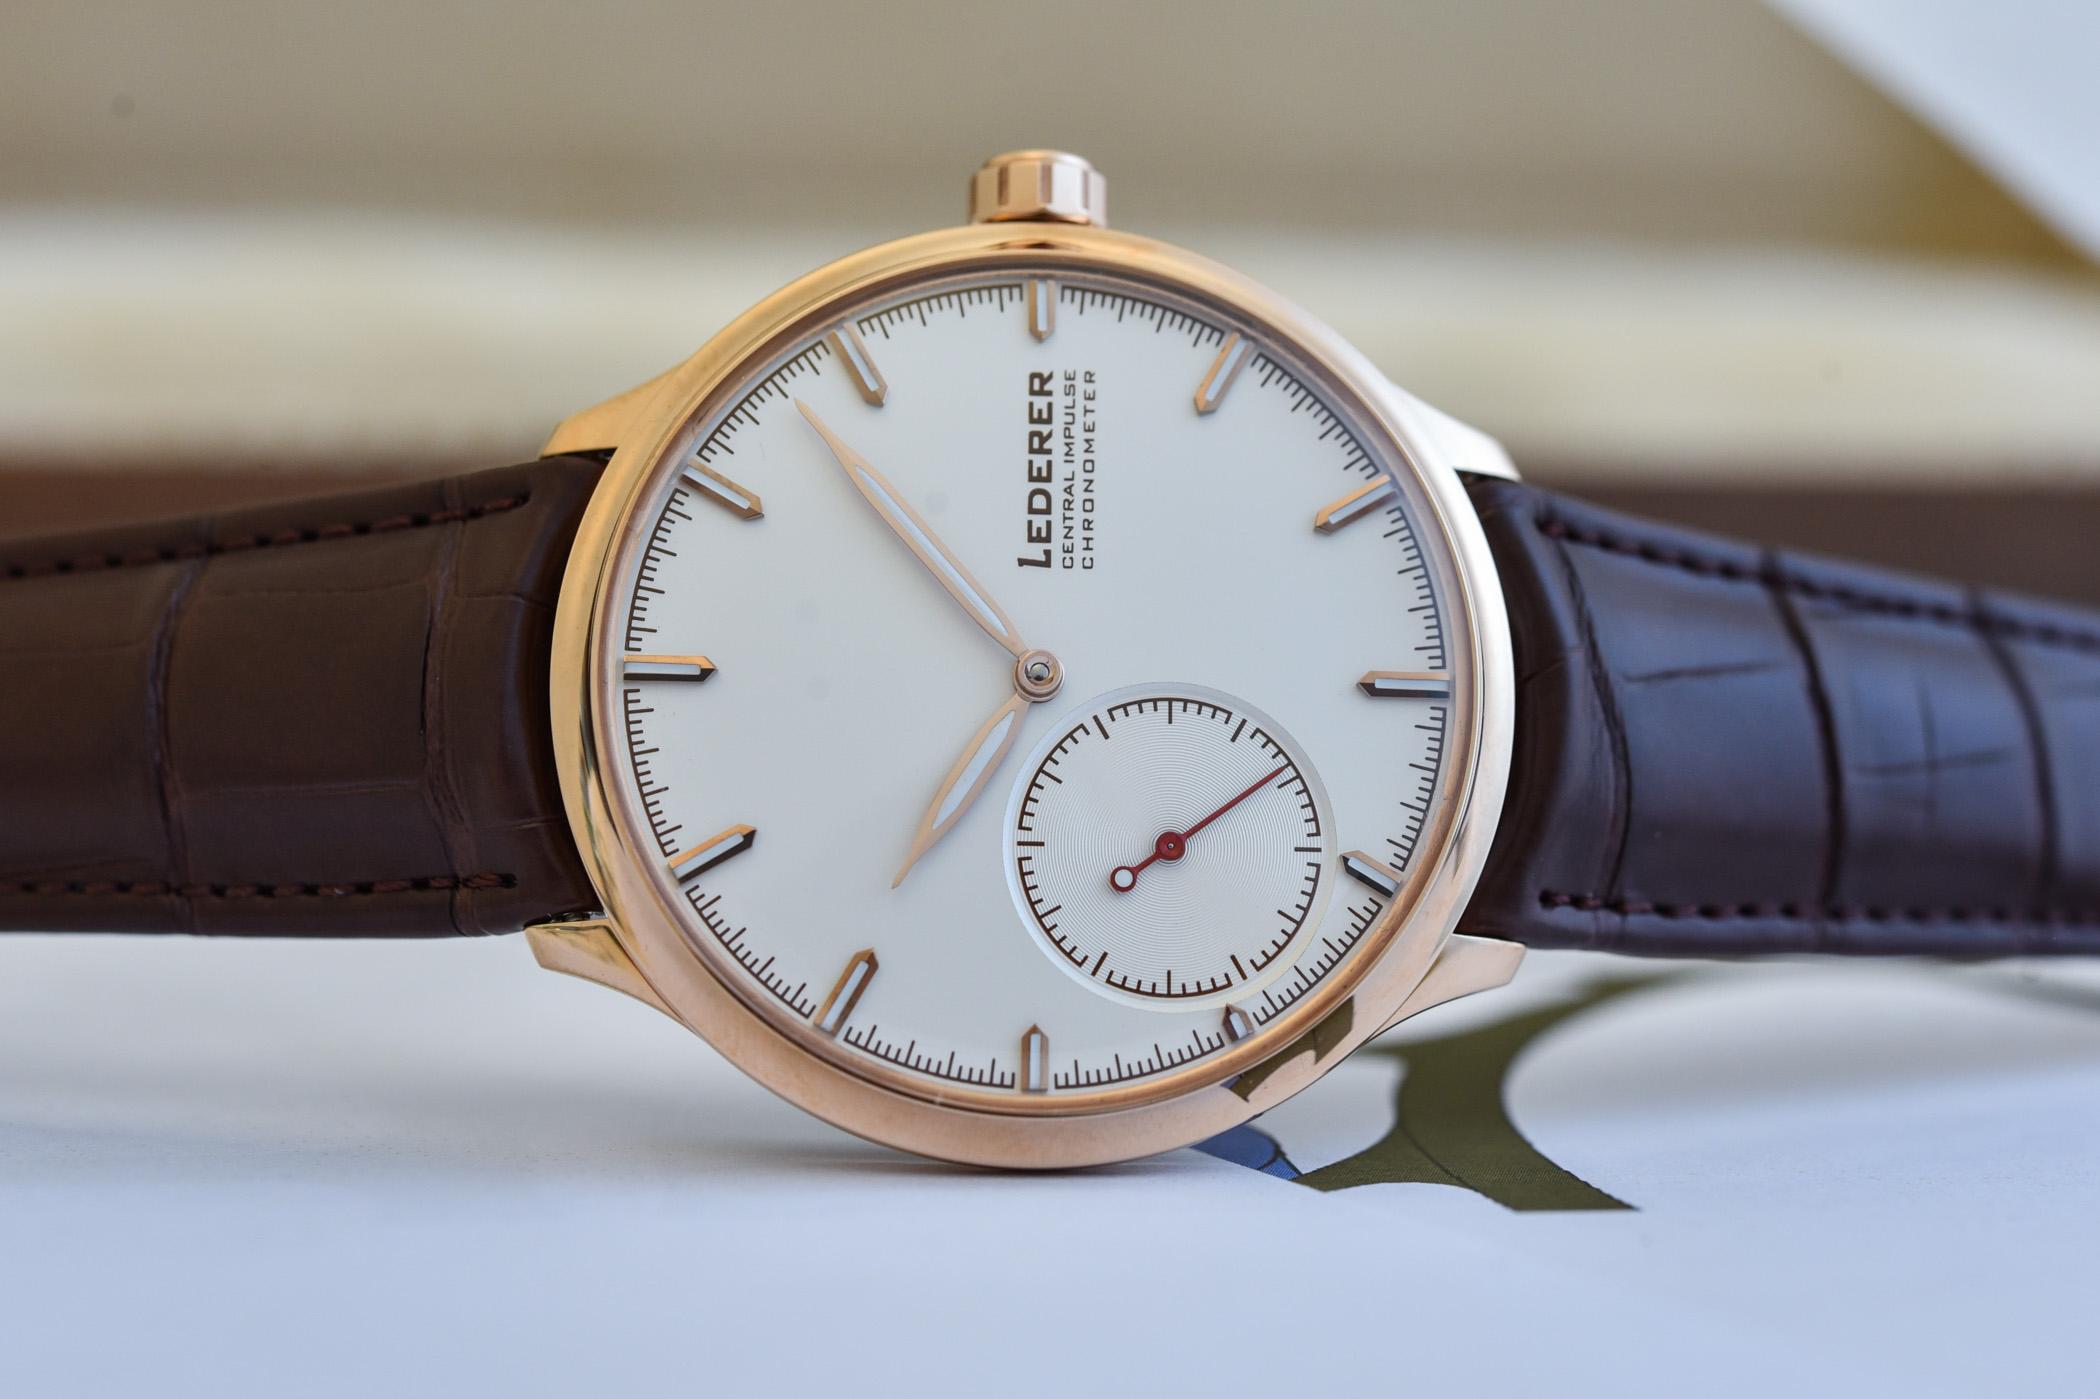 Bernhard Lederer Central Impulse Chronometer - 11